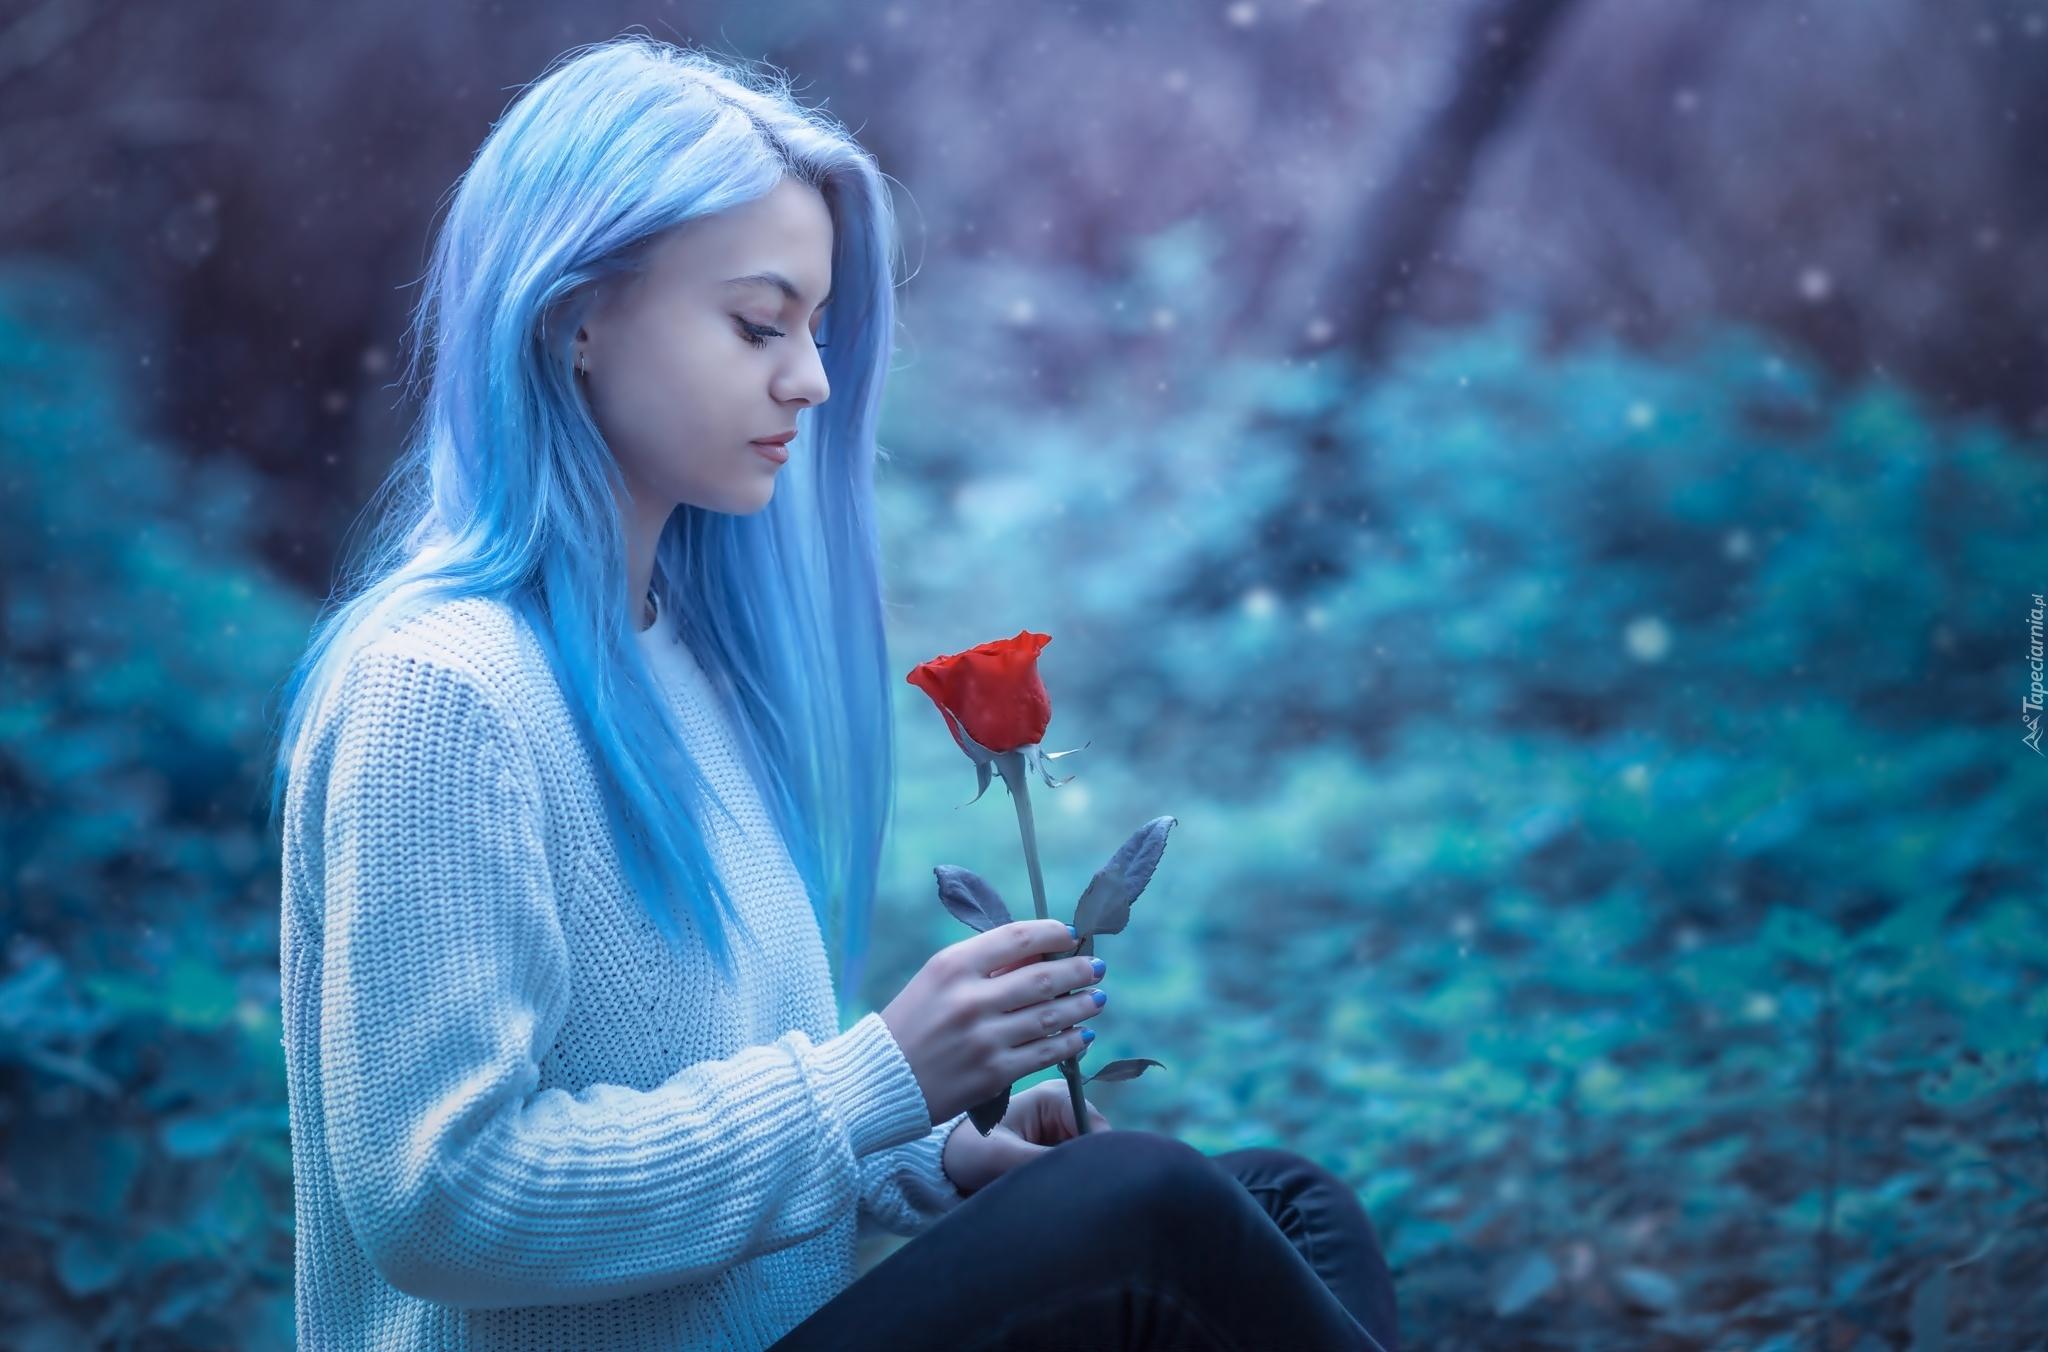 Zedge Wallpapers Cute Girl Dziewczyna O Jasnoniebieskich Włosach Z R 243 żą W Dłoni